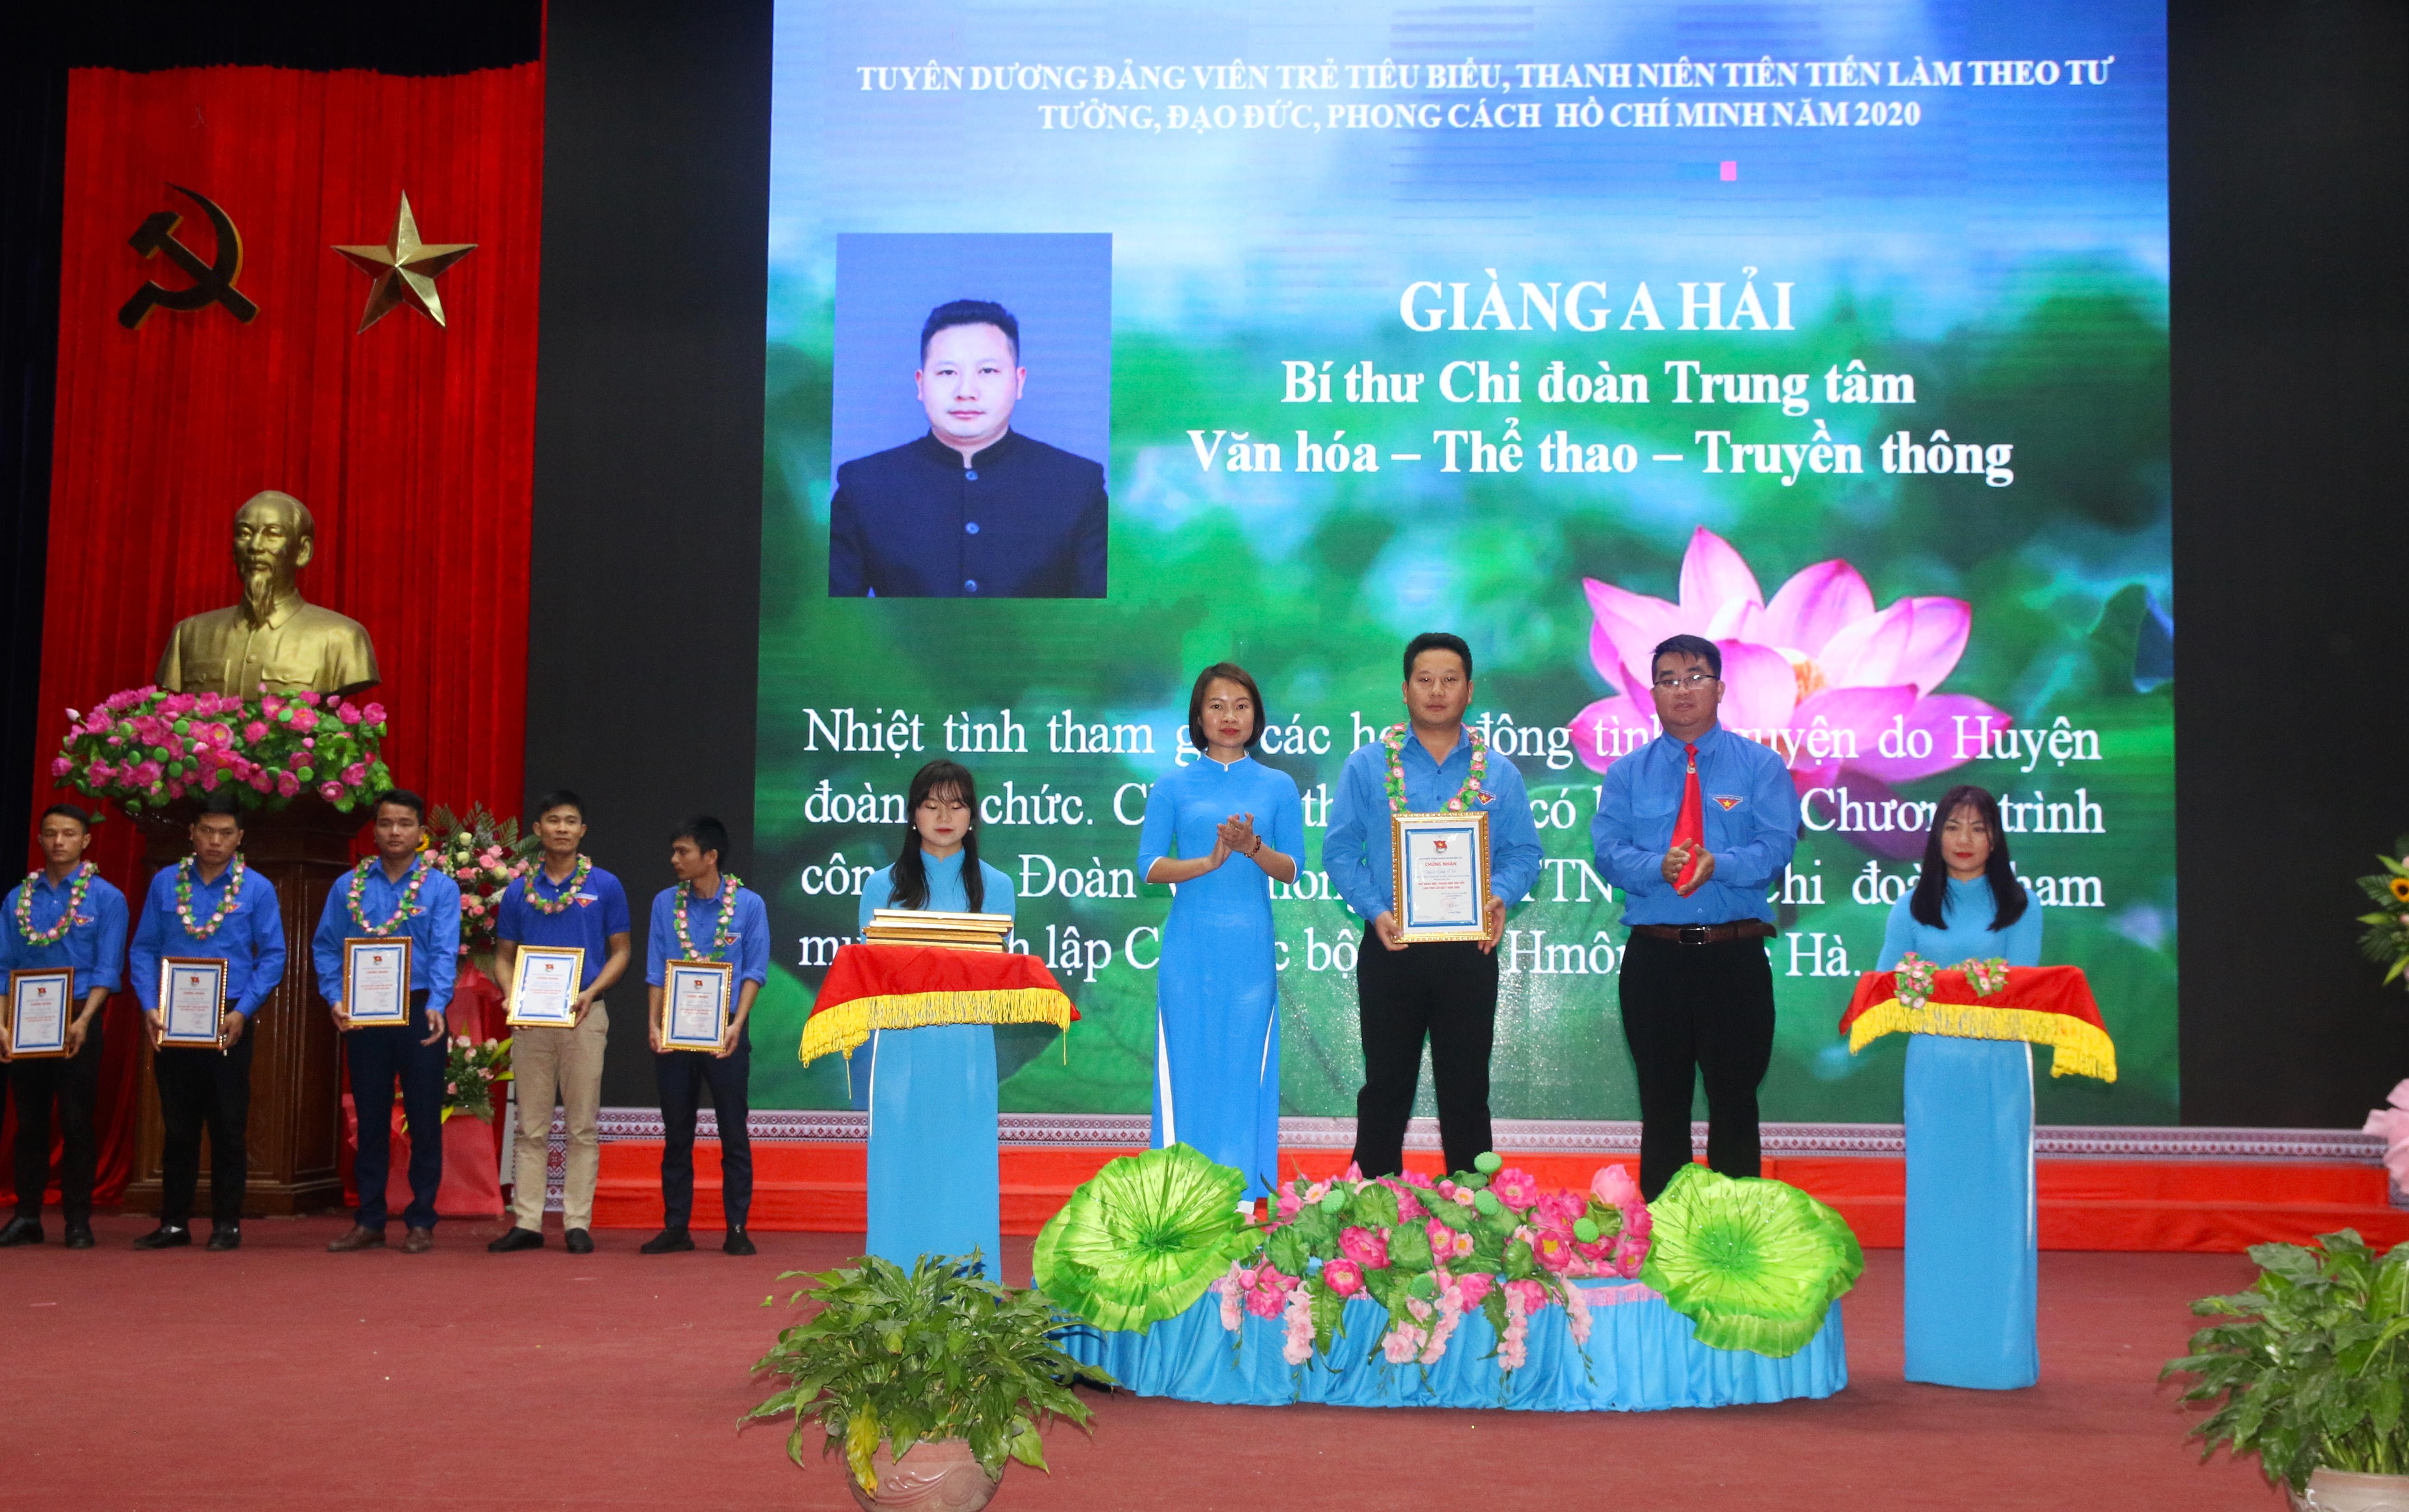 """Giàng A Hải (đứng thứ ba từ phải qua trái) là một trong số 70 đảng viên trẻ tiêu biểu của huyện Bắc Hà năm 2020 được biểu dương về thành tích """"Học tập và làm theo tư tưởng, đạo đức, phong cách Hồ Chí Minh""""."""